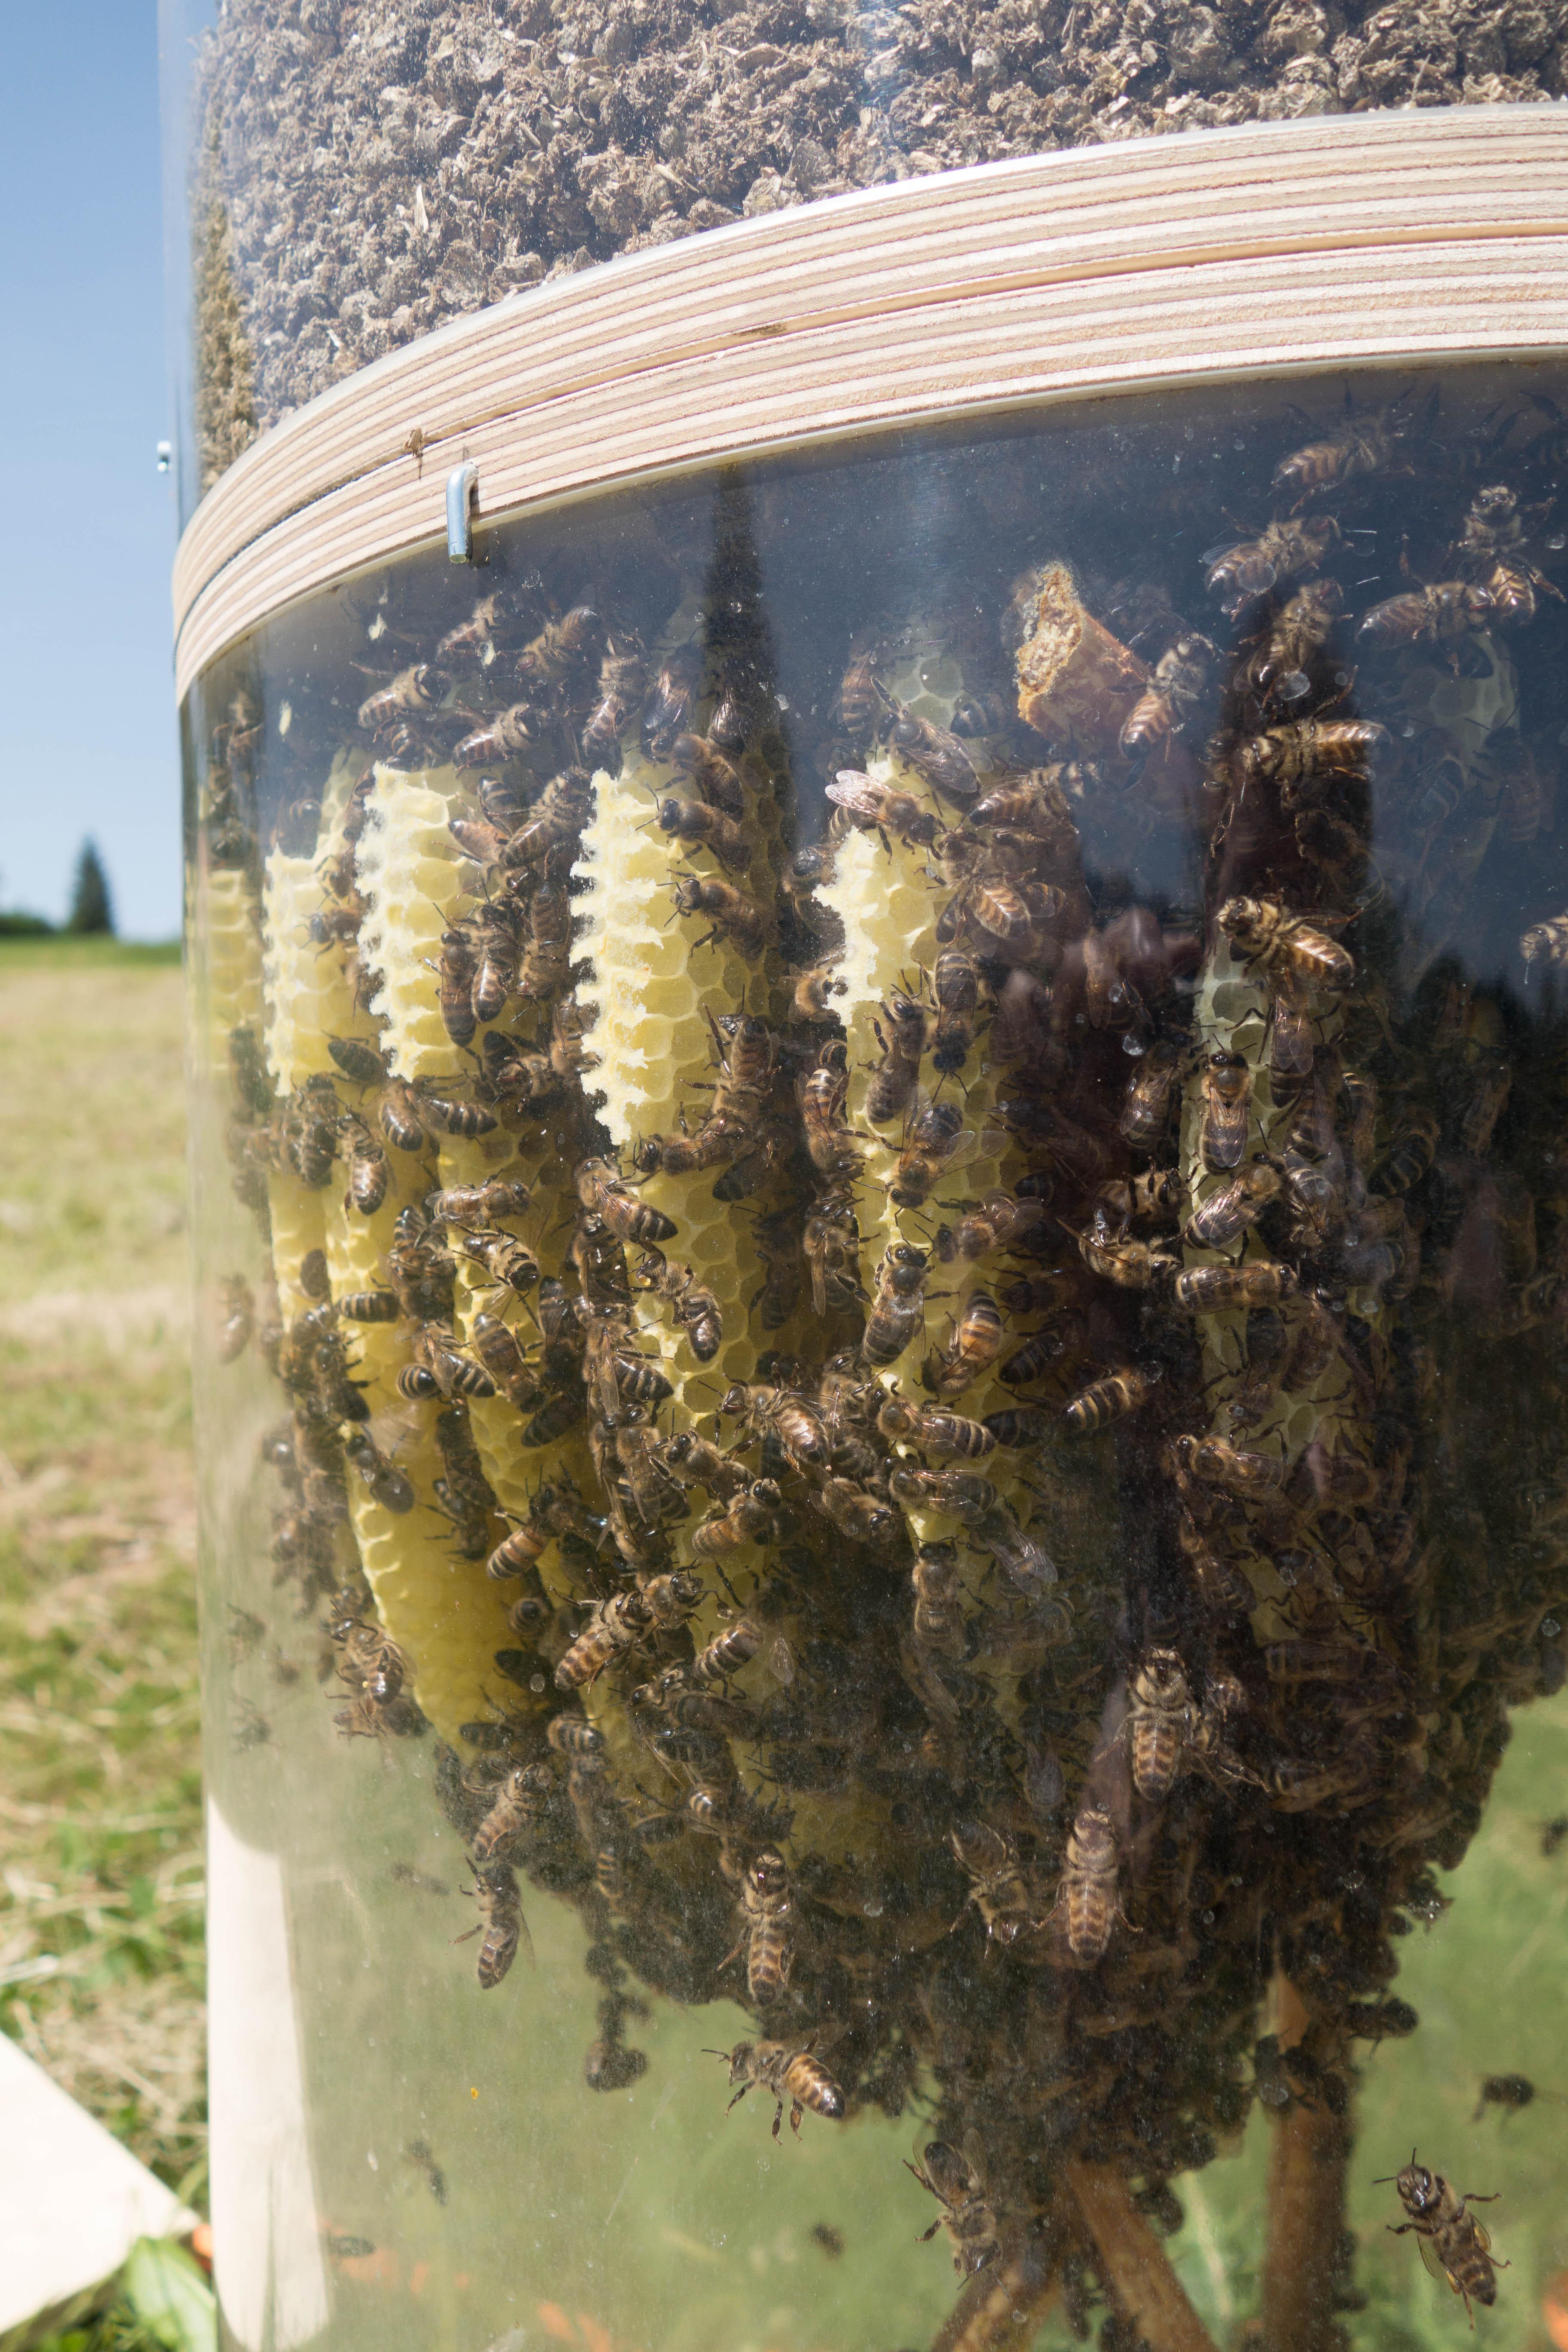 Bienenstock Aus Terrakotta Freethebees Unsere Bienen